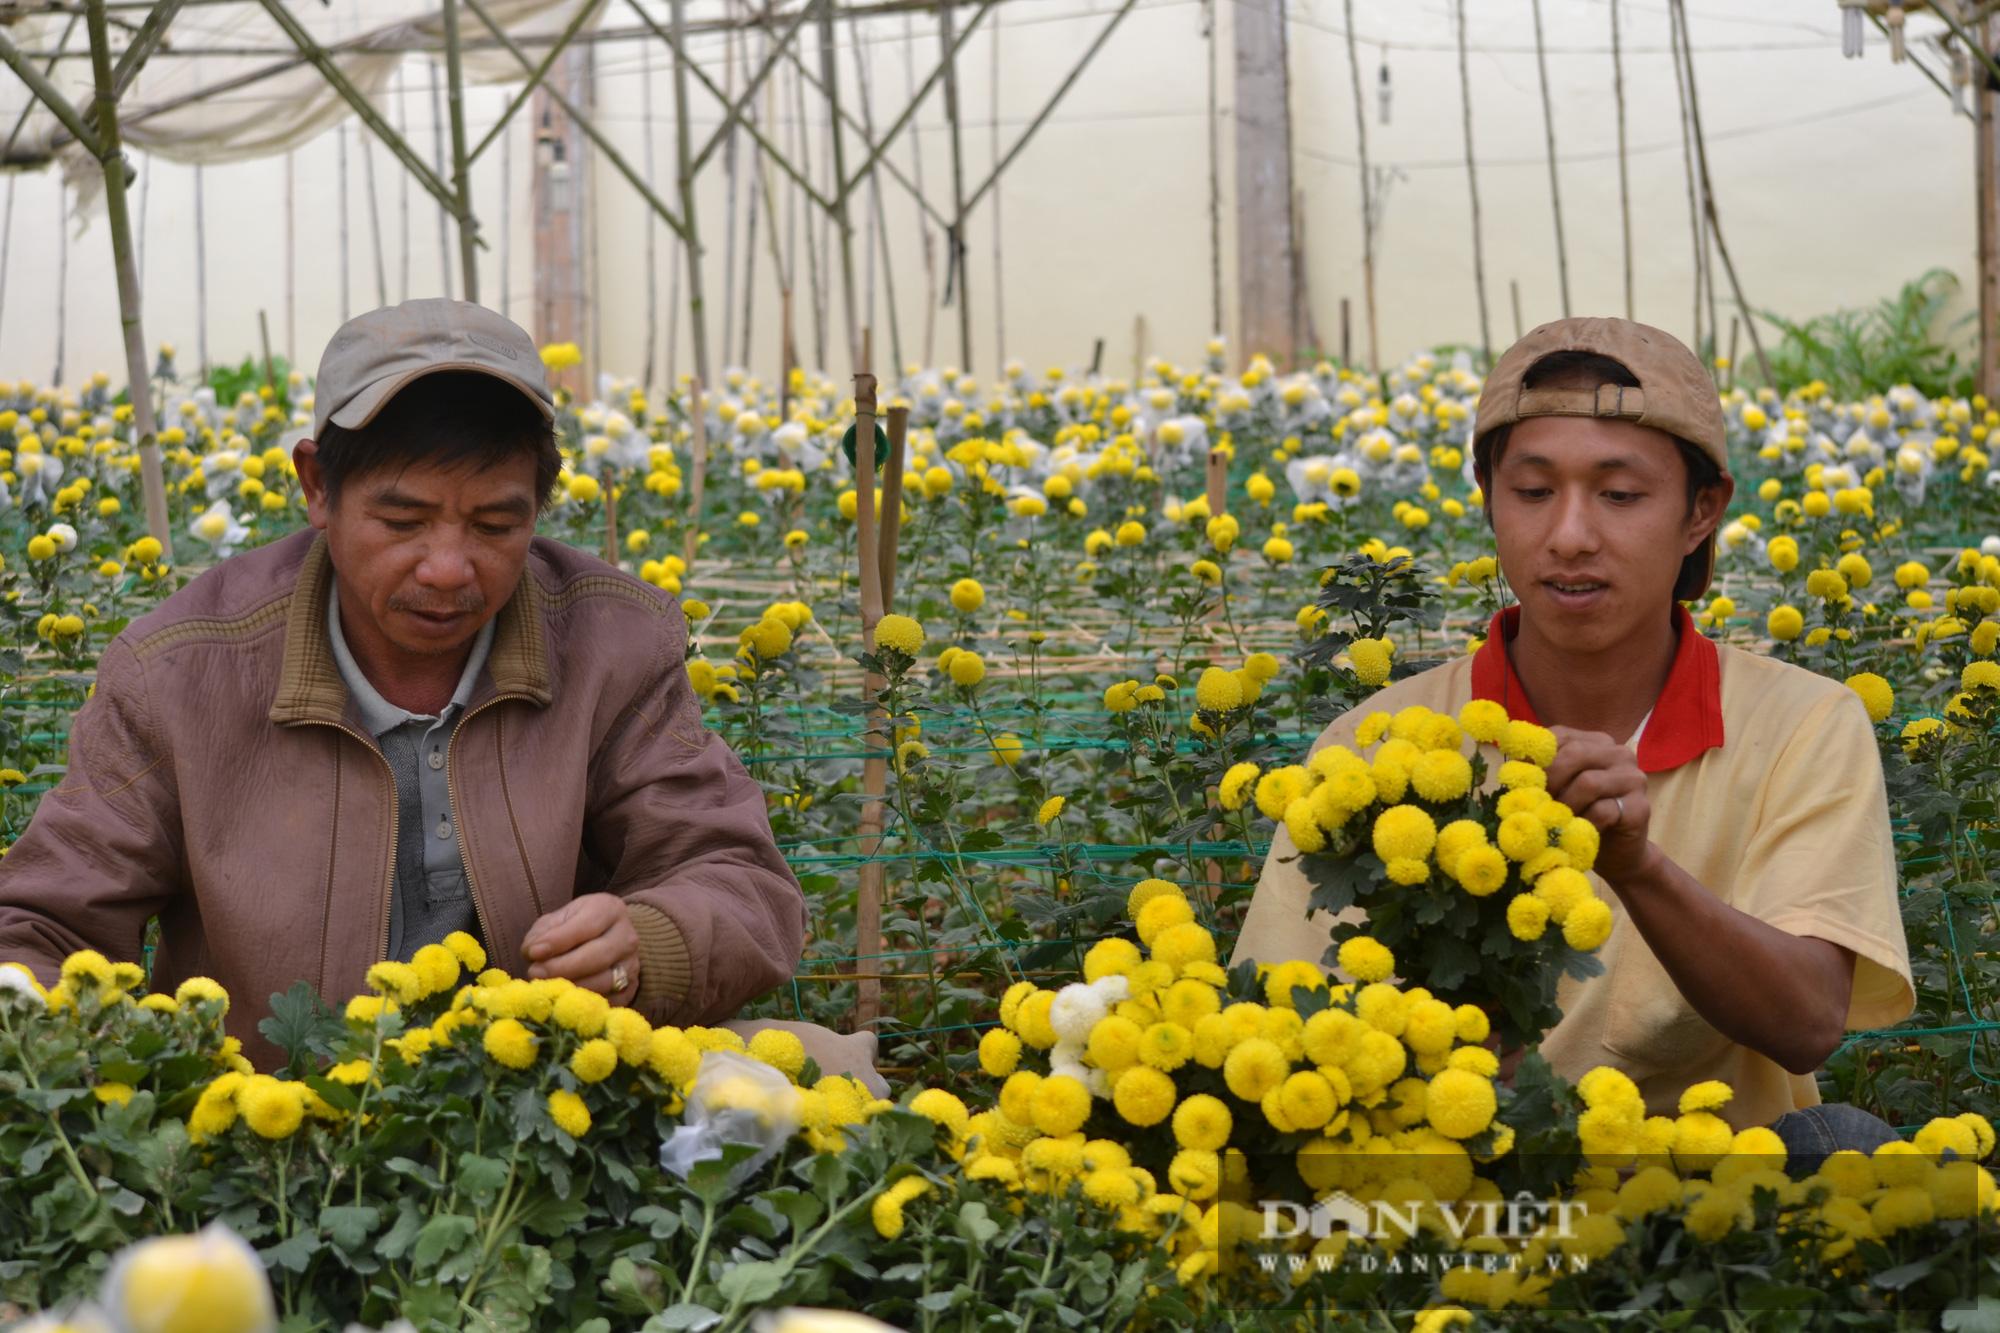 Lâm Đồng mong muốn TP.Hồ Chí Minh mở cửa chợ Đầm Sen để giúp tiêu thụ hoa Đà Lạt  - Ảnh 1.